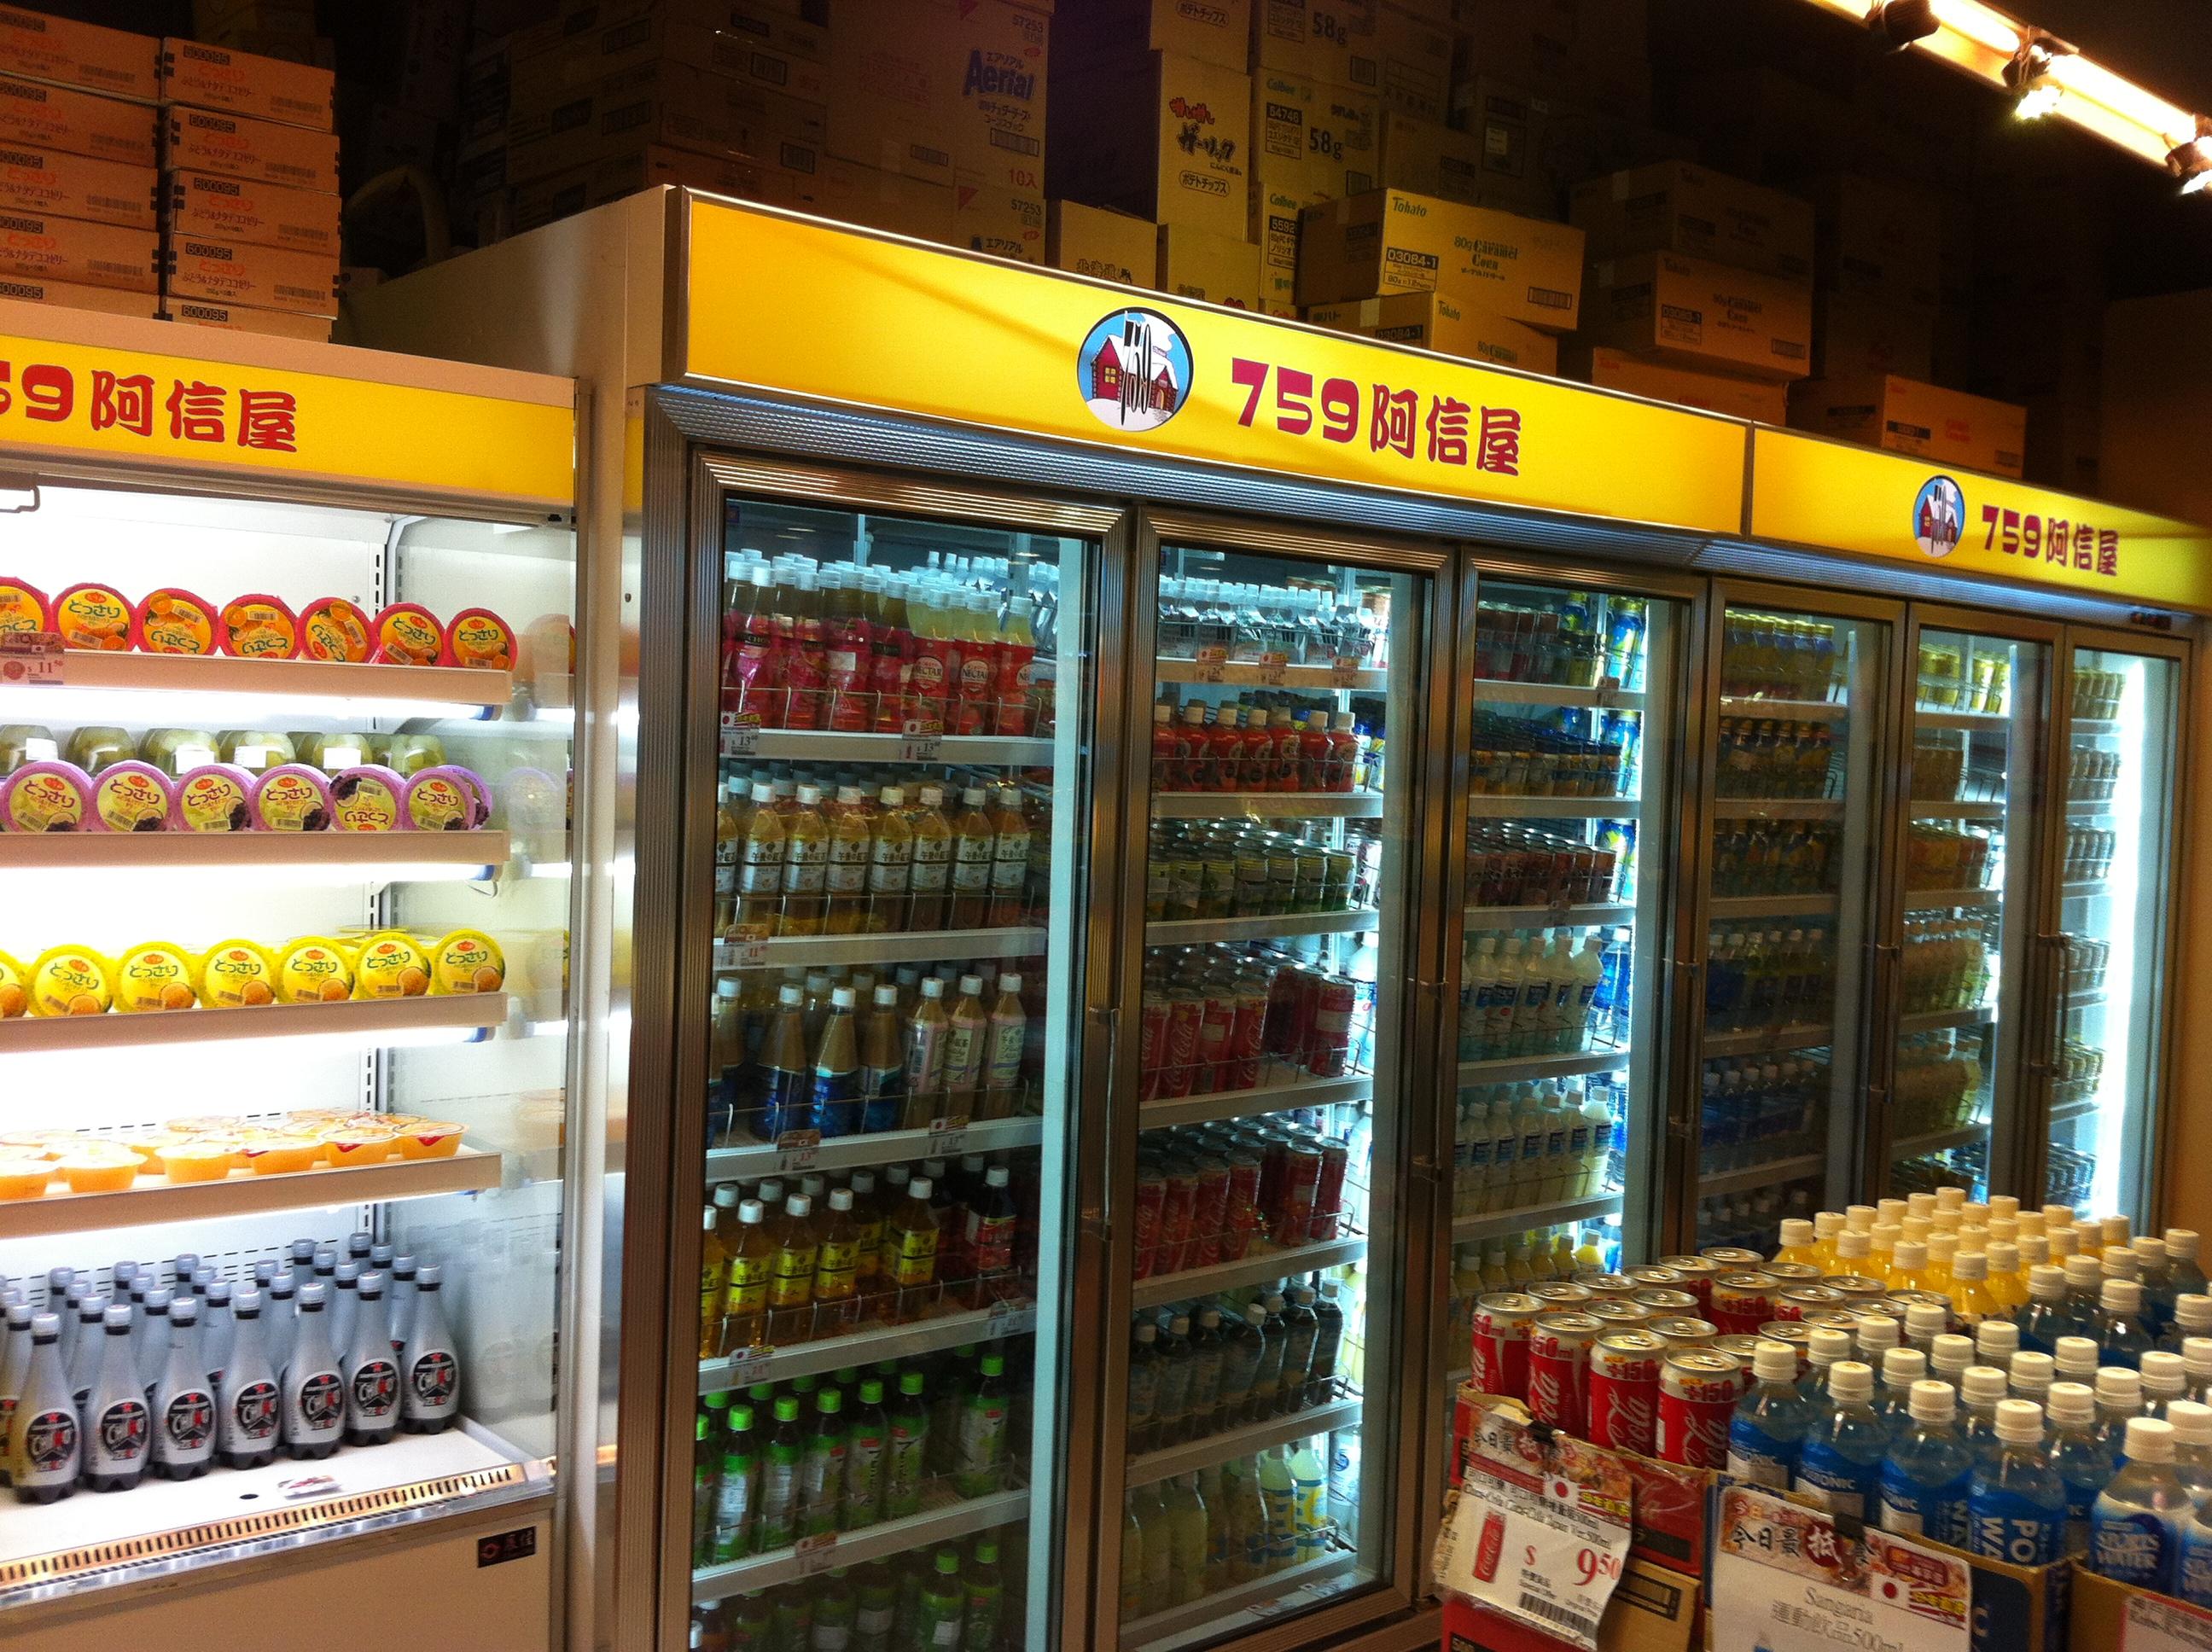 香港759阿信屋-金佰格便利店饮料柜案例